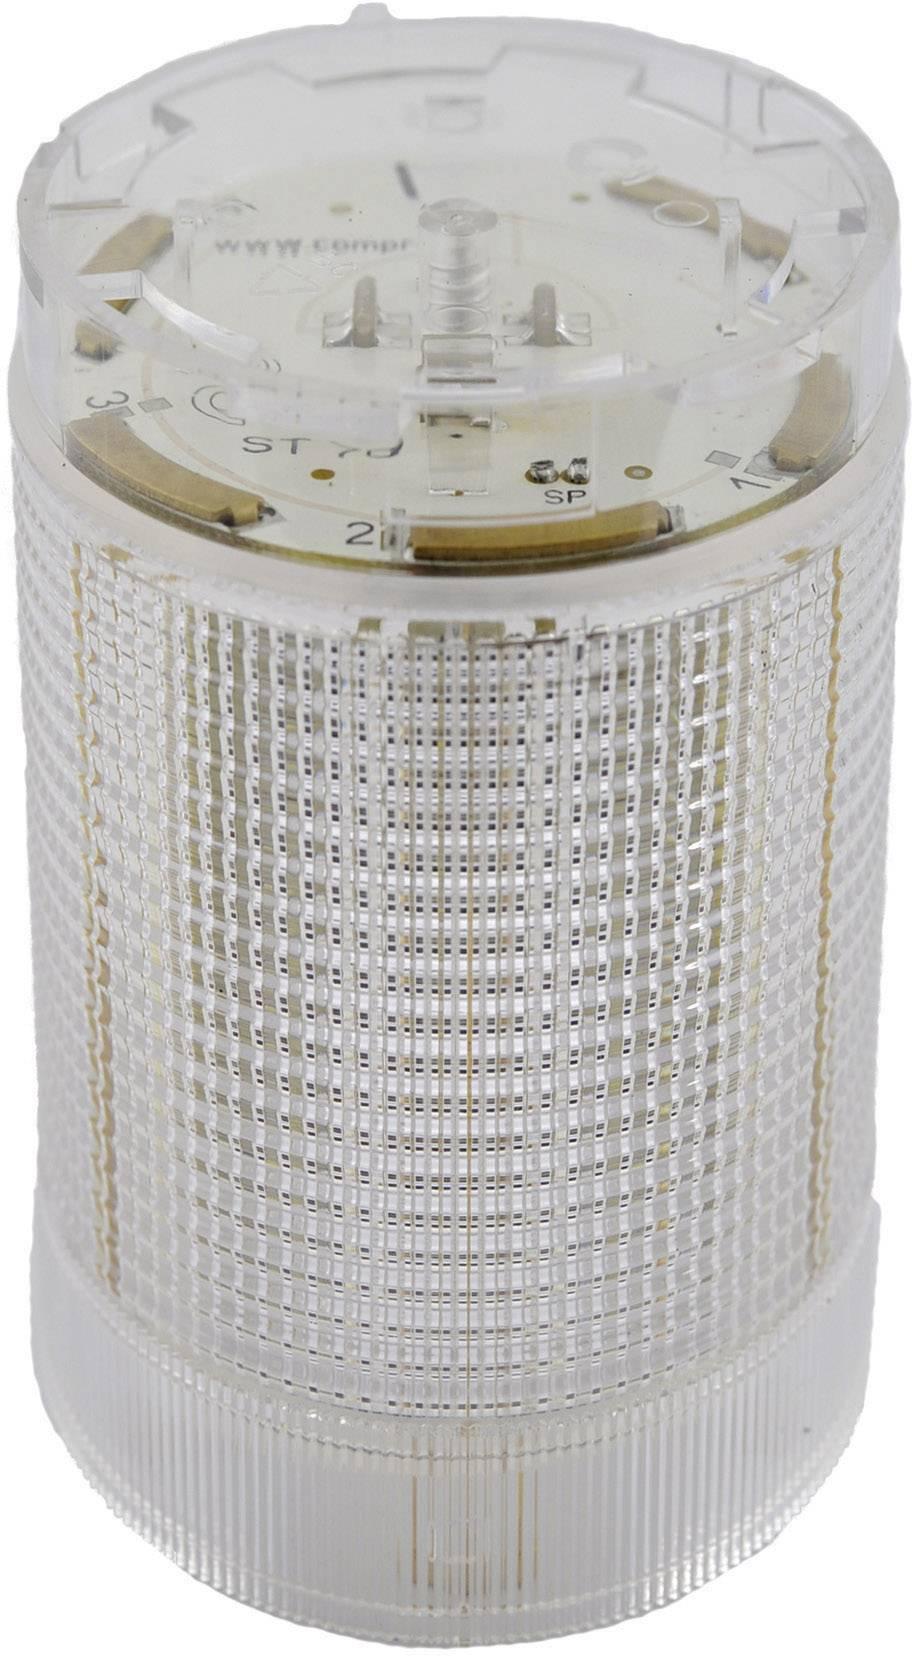 Součást signalizačního sloupku LED ComPro CO ST 40, bílá, trvalé světlo, blikající světlo, 24 V/DC, 24 V/AC, 75 dB